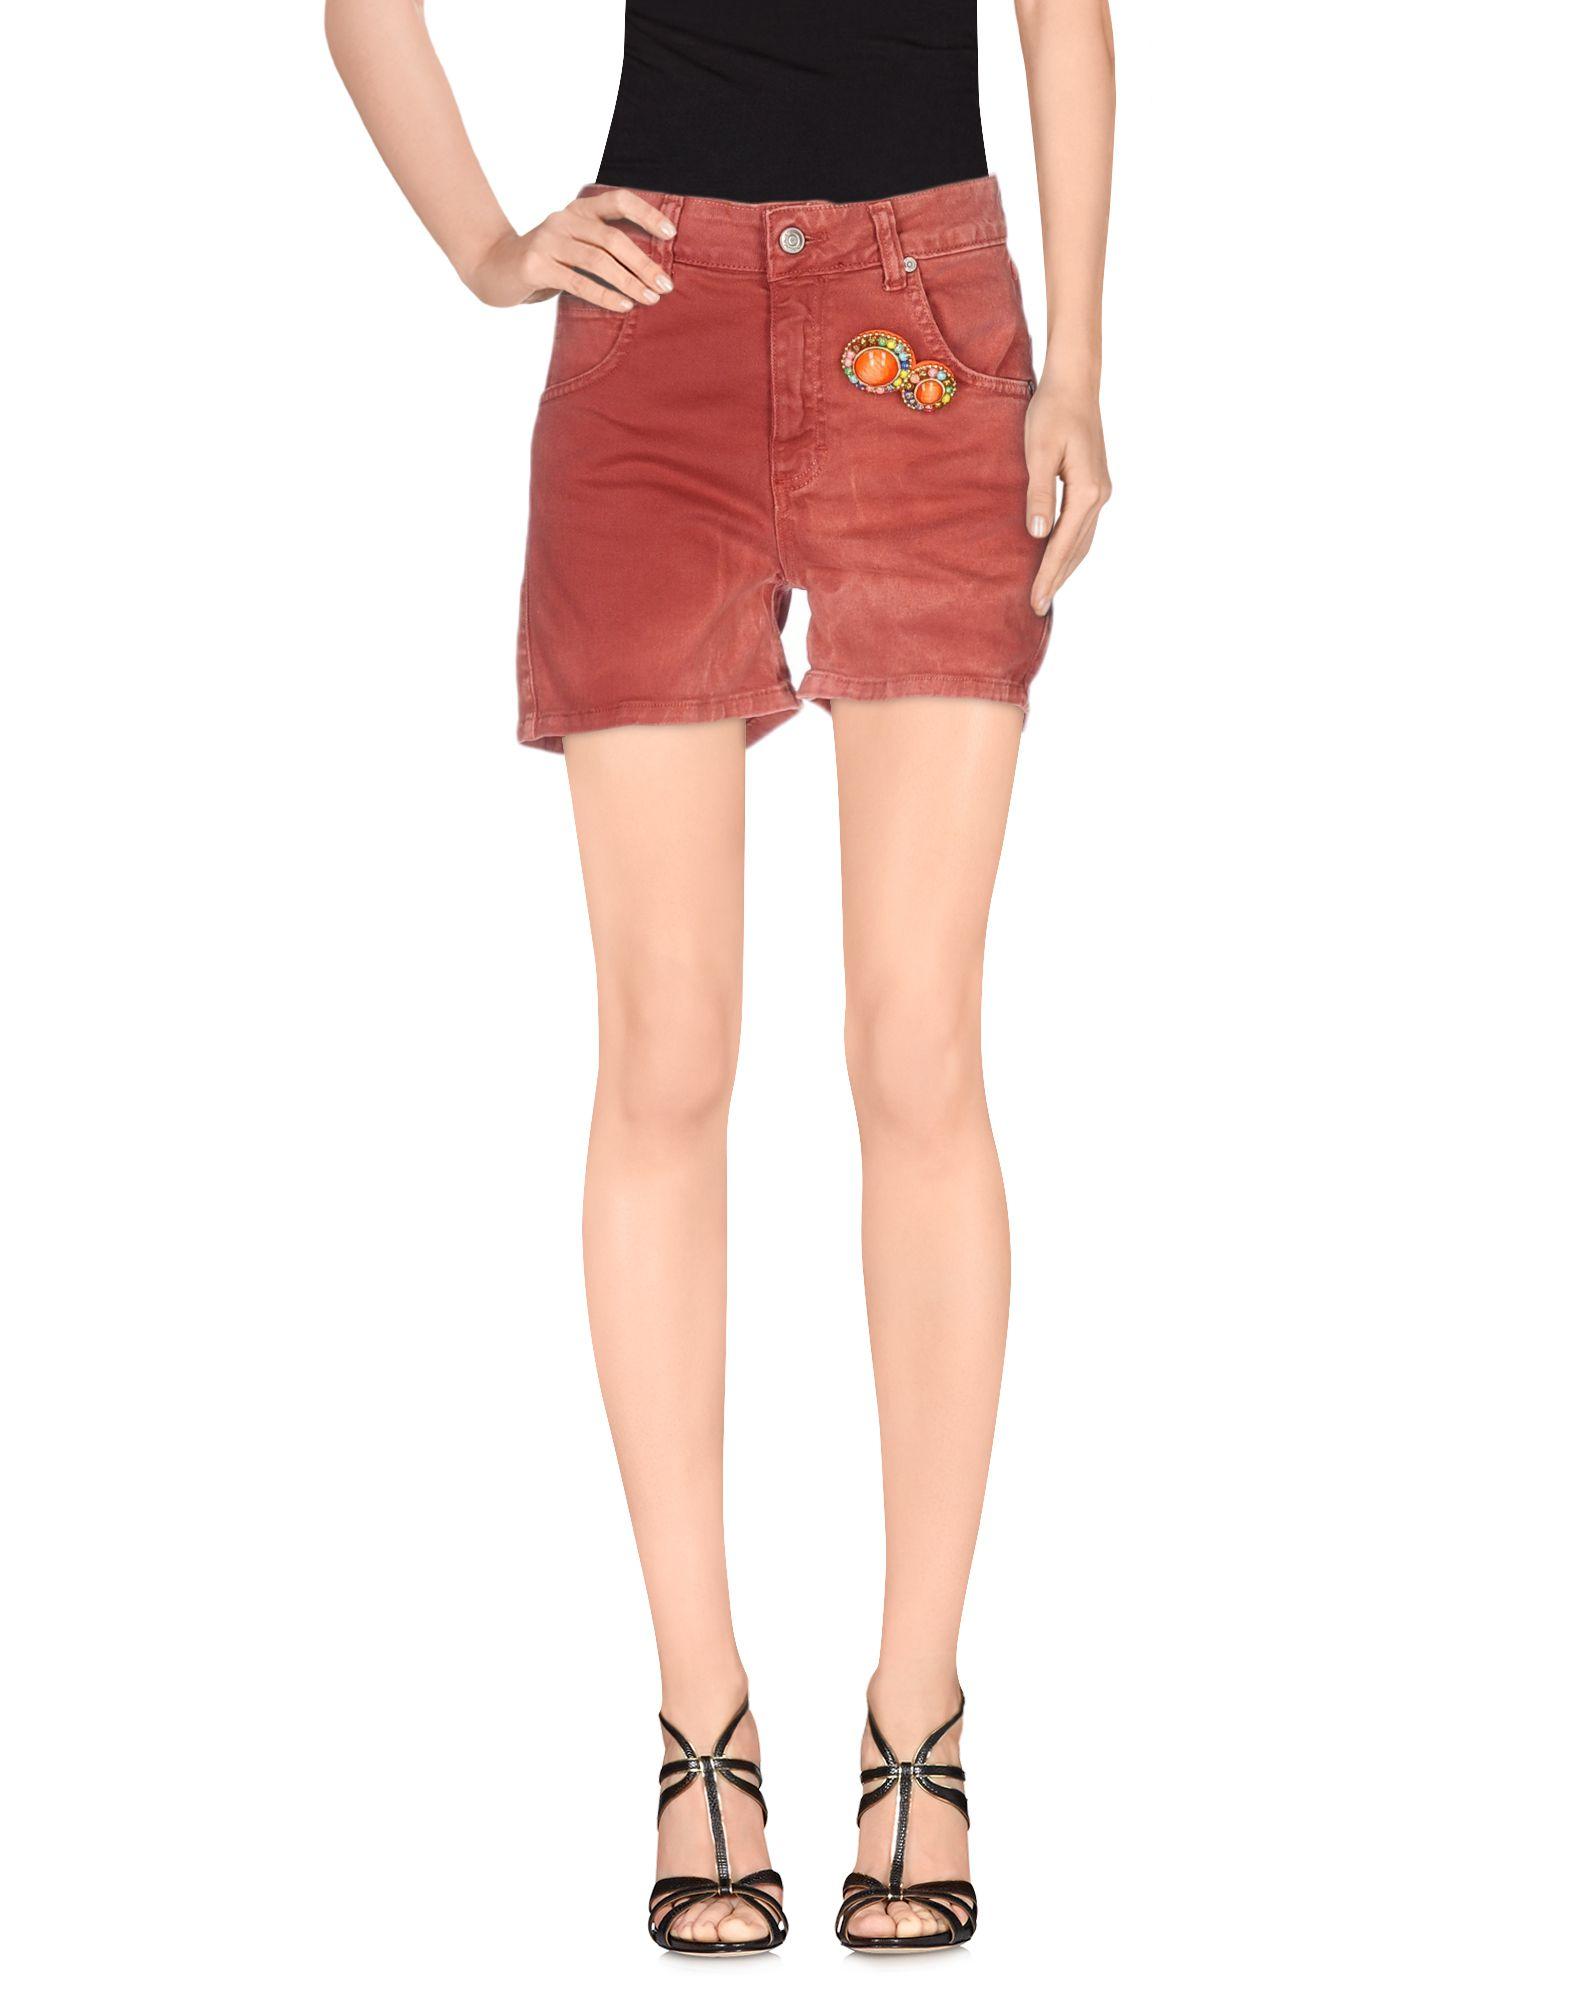 цены на SOUVENIR Джинсовые шорты в интернет-магазинах